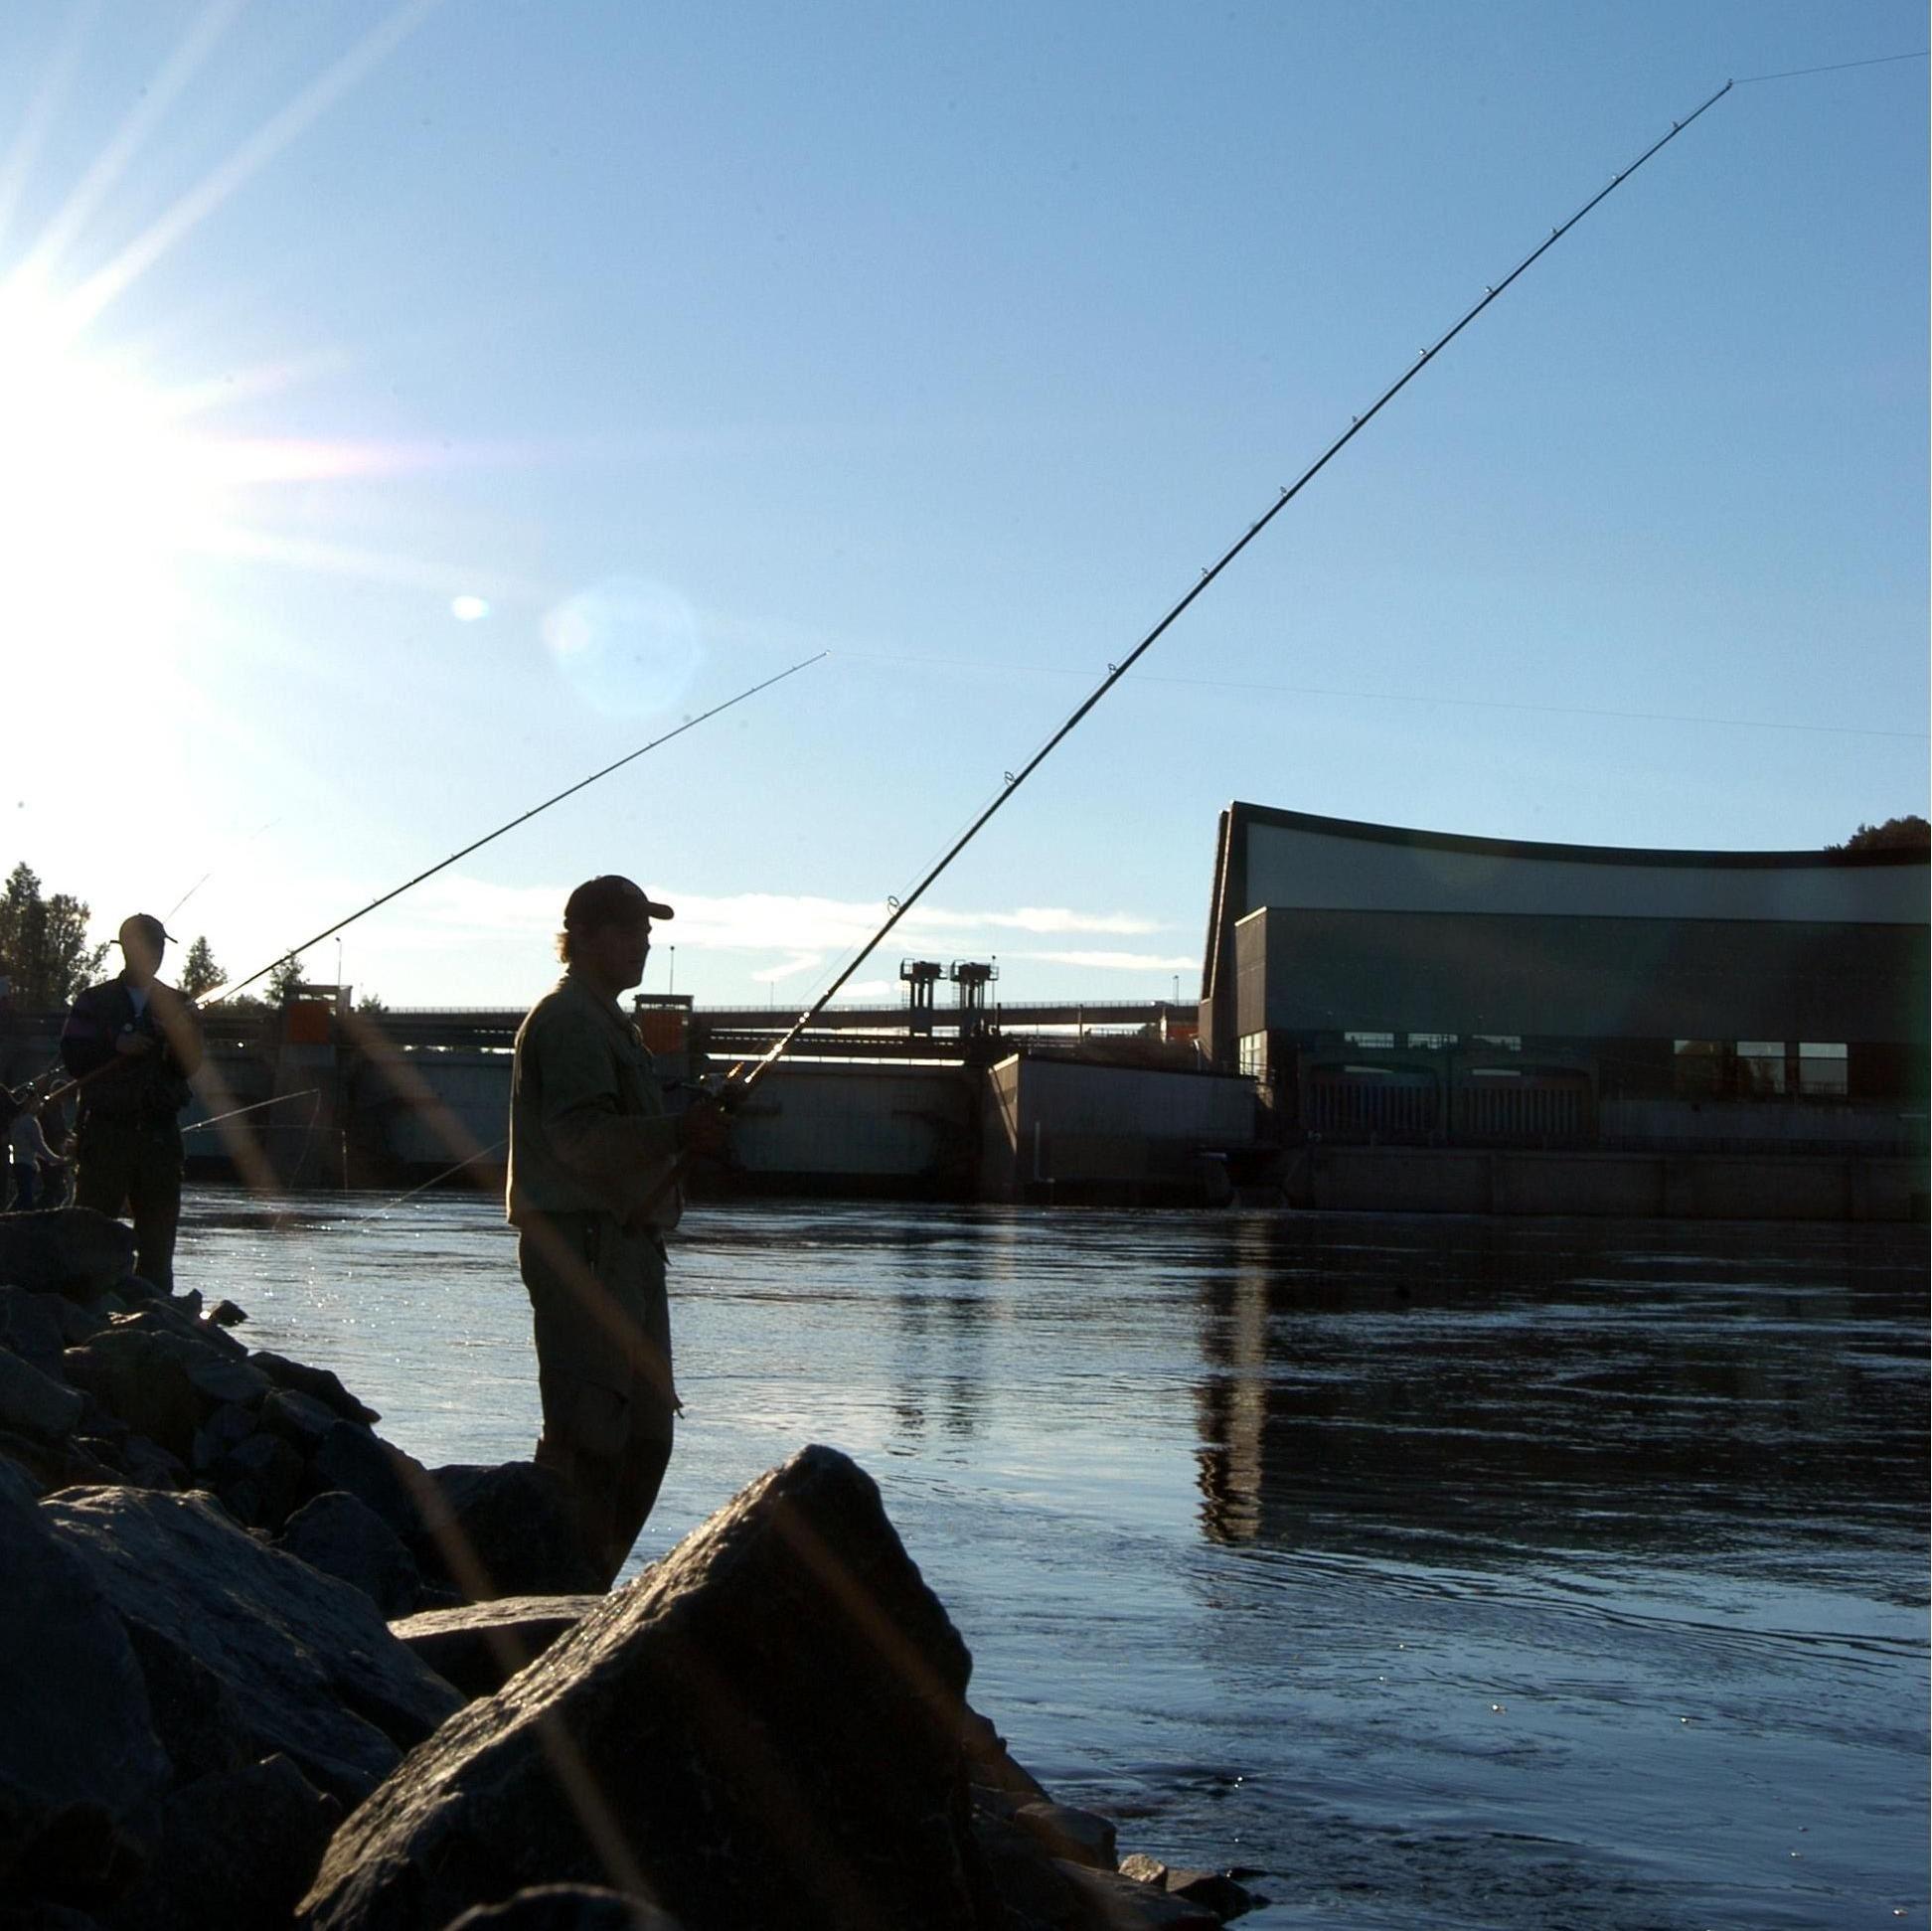 Foto: Petra Järnbert, Nipstadsfisket i Sollefteå stad